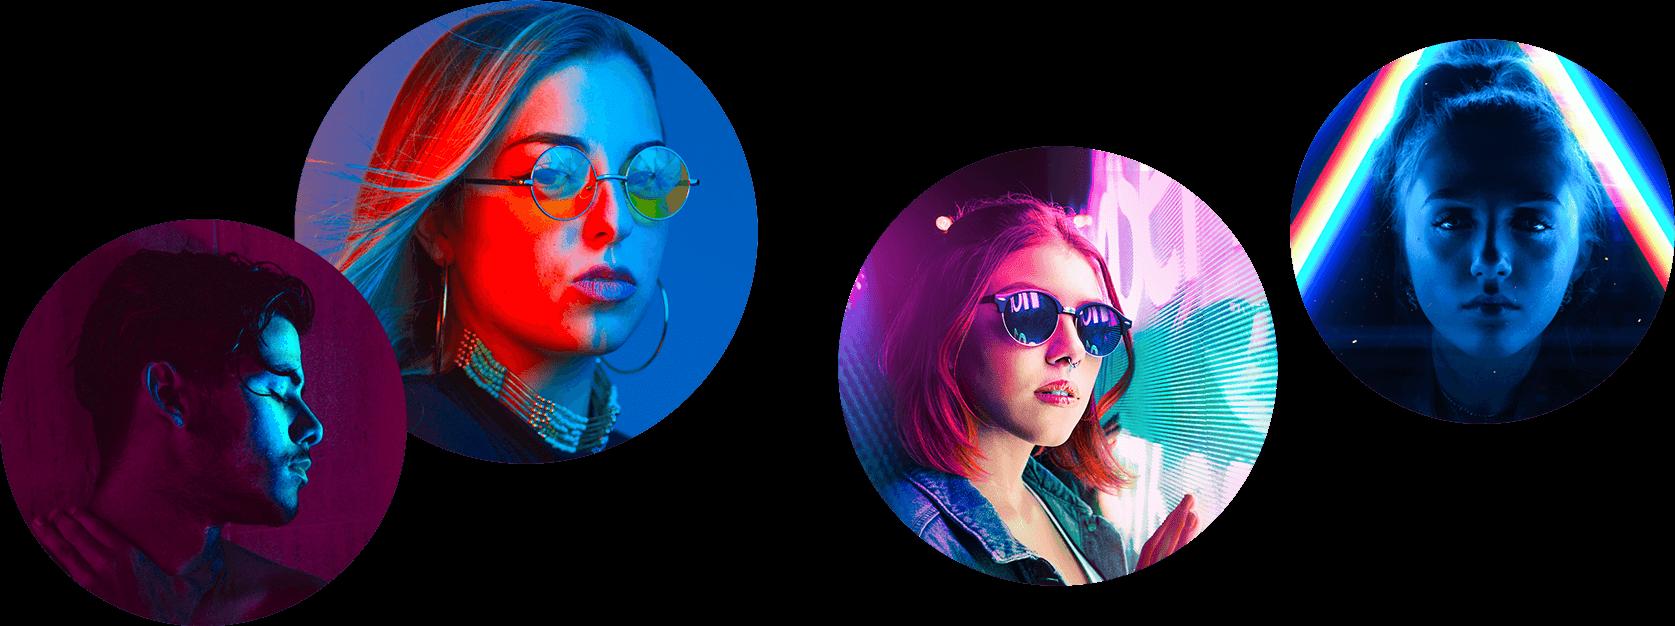 band5-band-faces copy